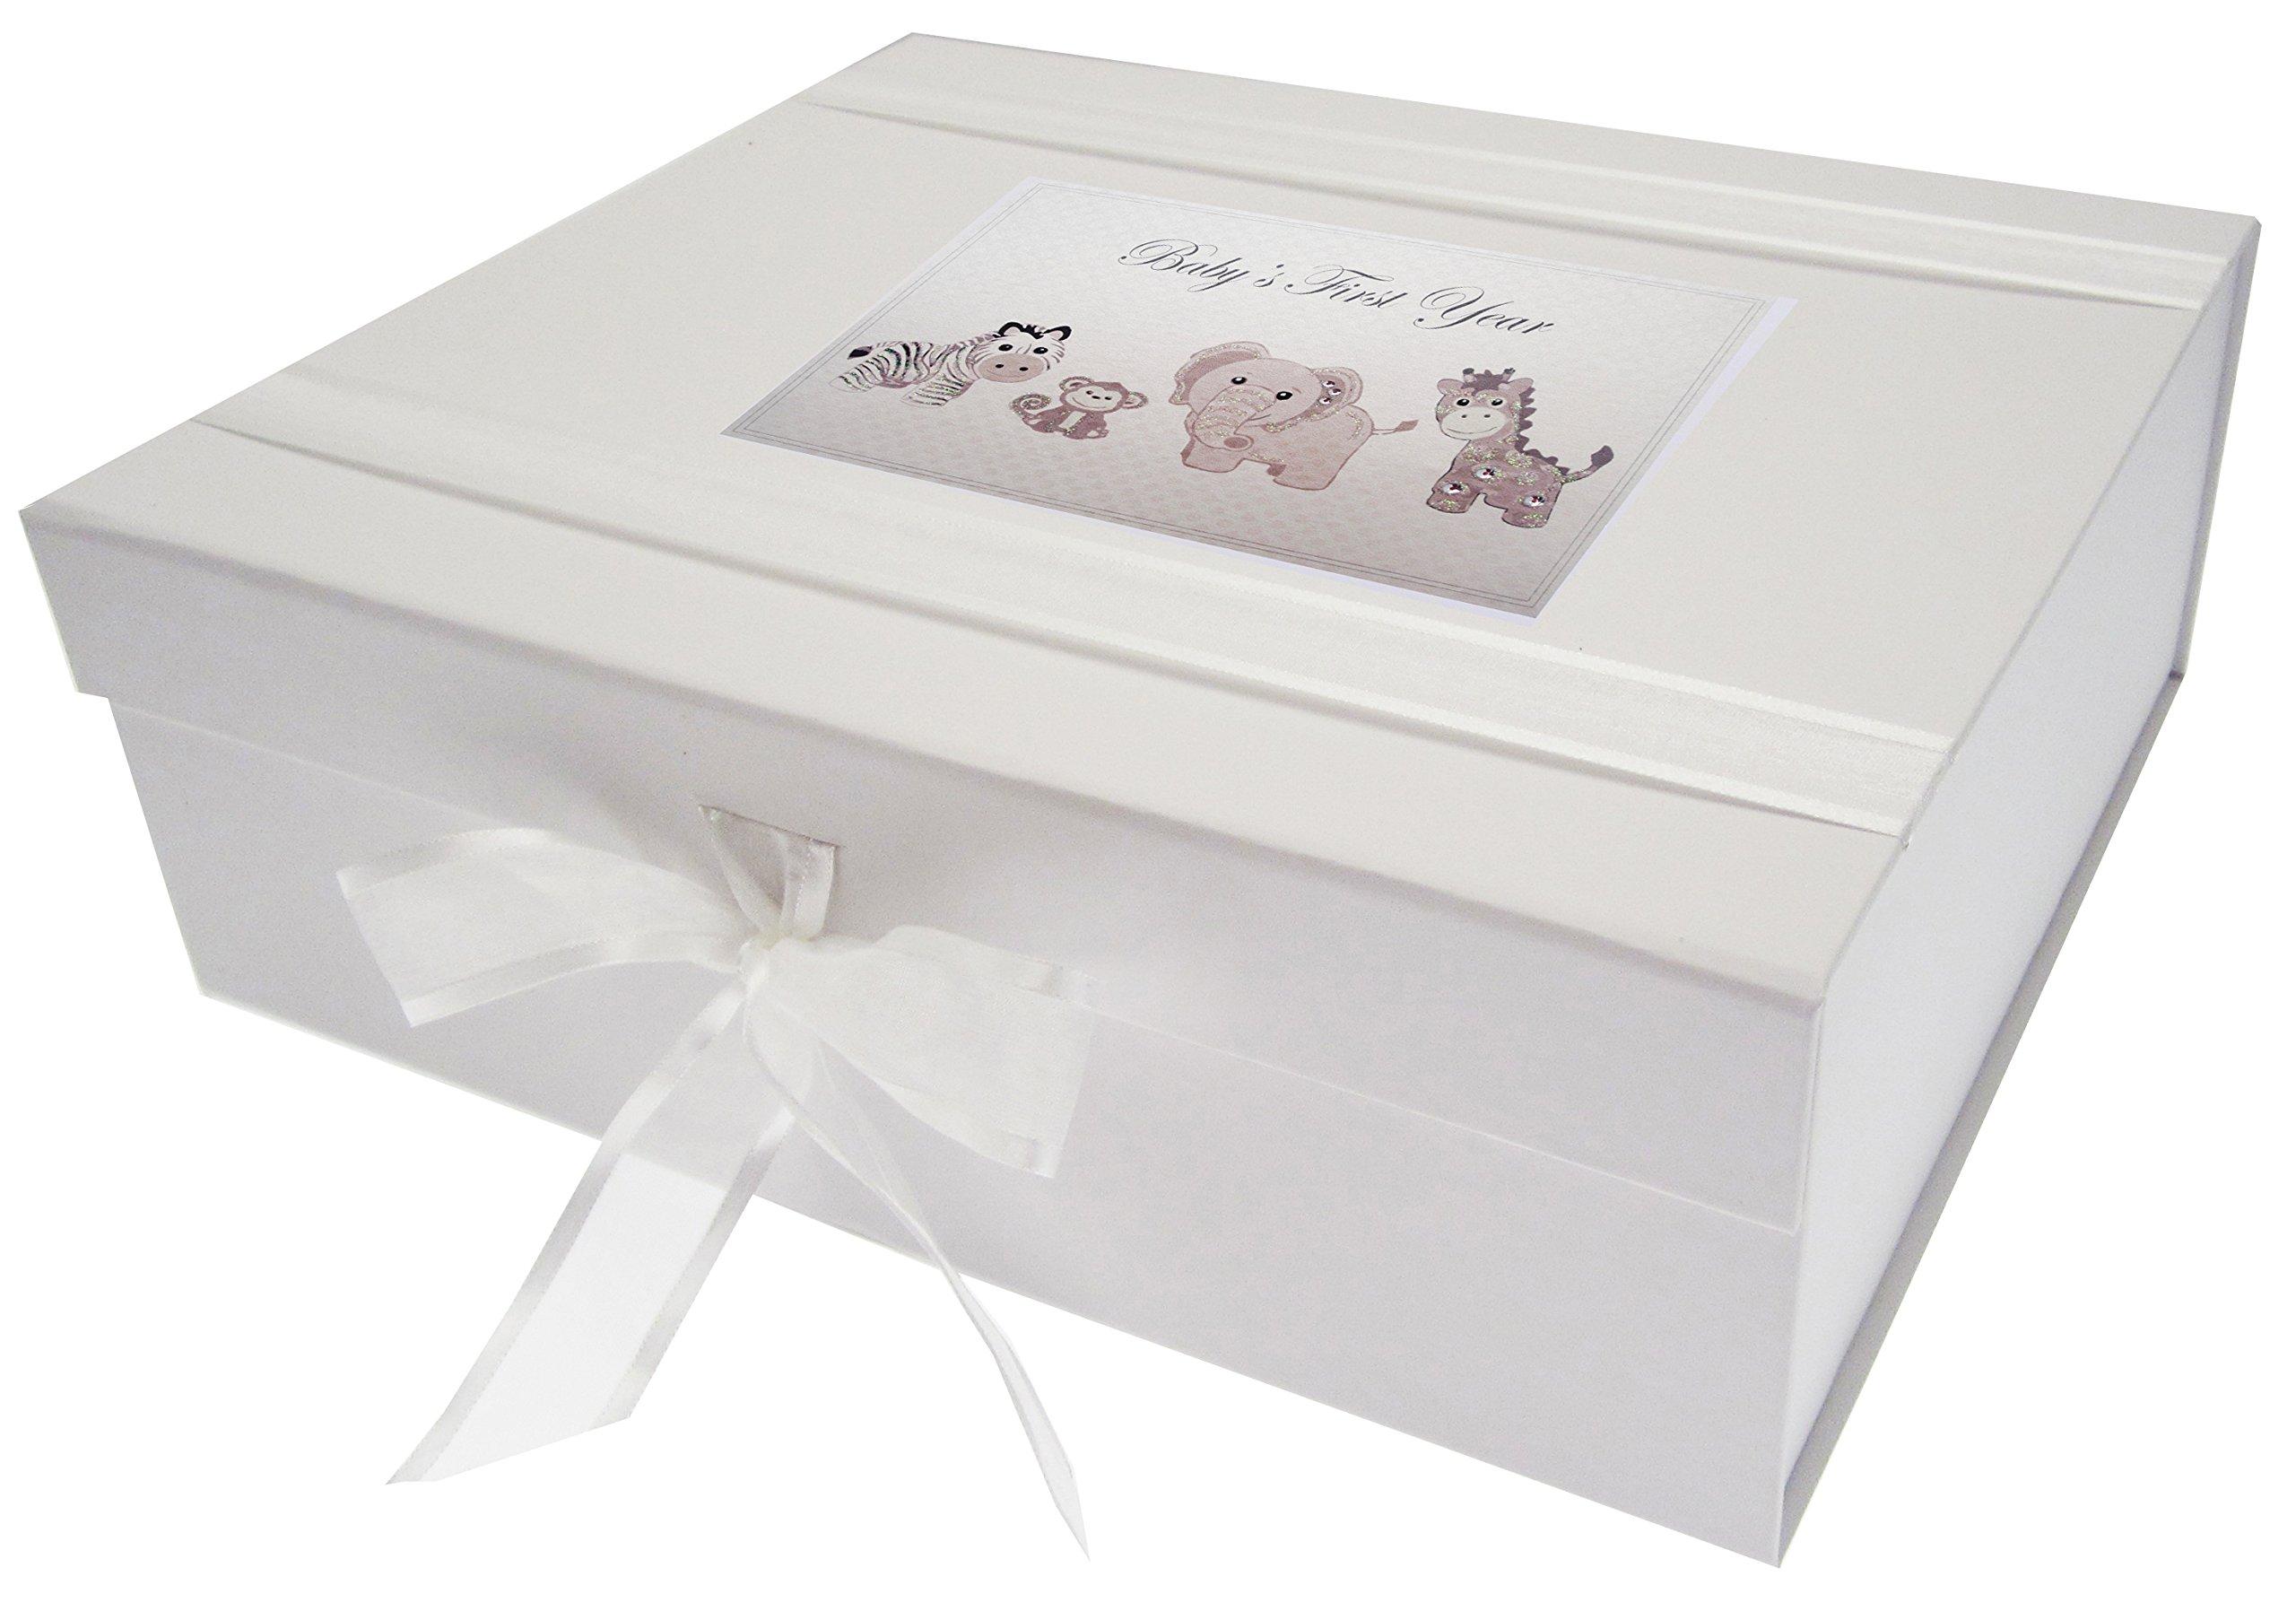 White Cotton Cards – Caja de Recuerdo de Primer año del bebé, Grande, Plata Juguetes, Animales, Junta, Color Blanco, 27,2 x 32 x 11 cm: Amazon.es: Hogar